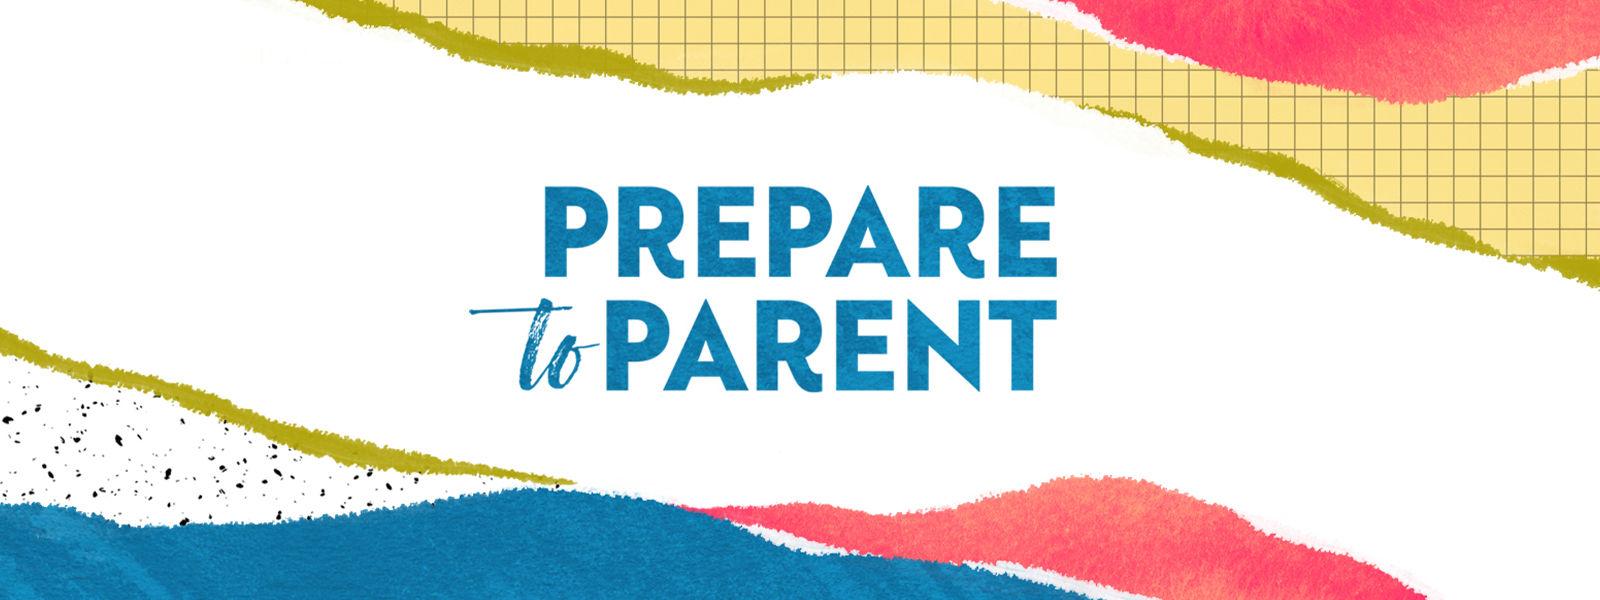 Prepare to Parent